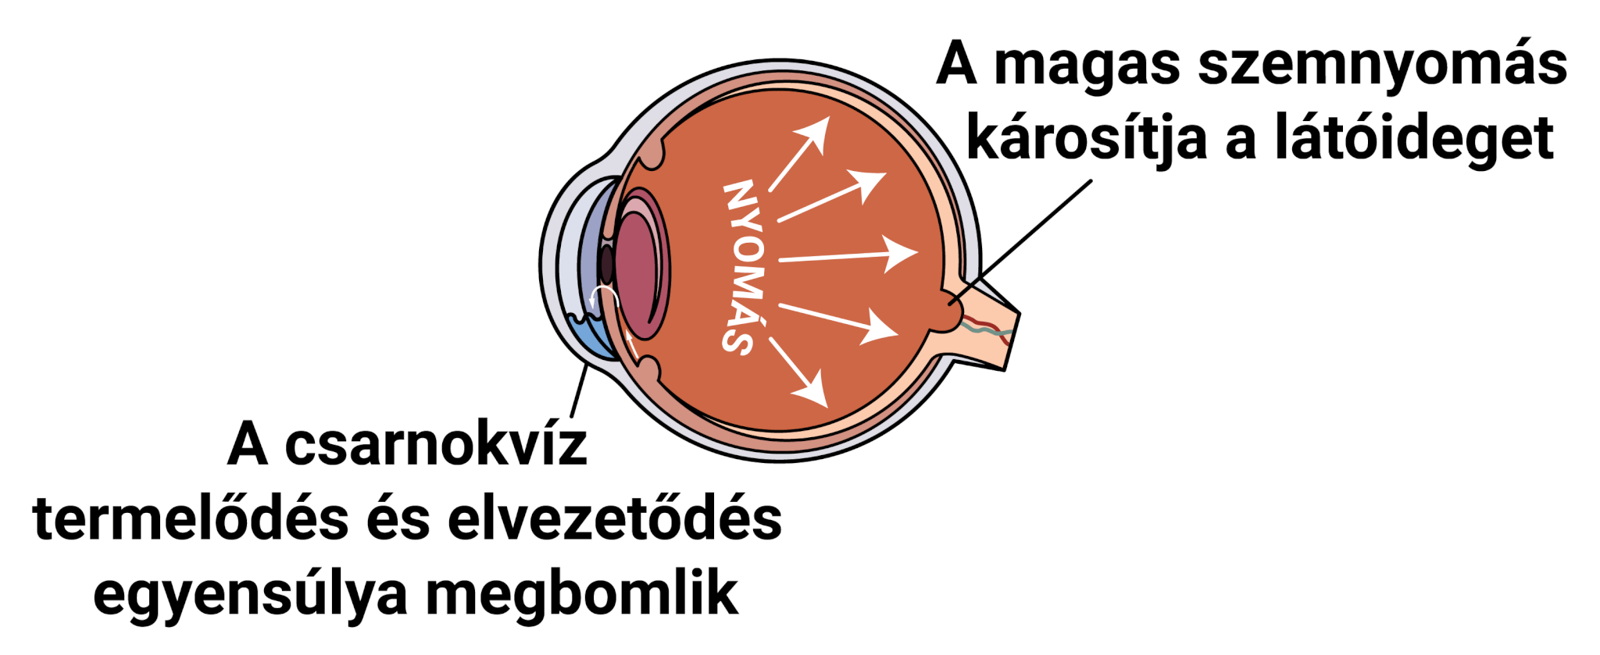 vízió a glaukóma javításáról